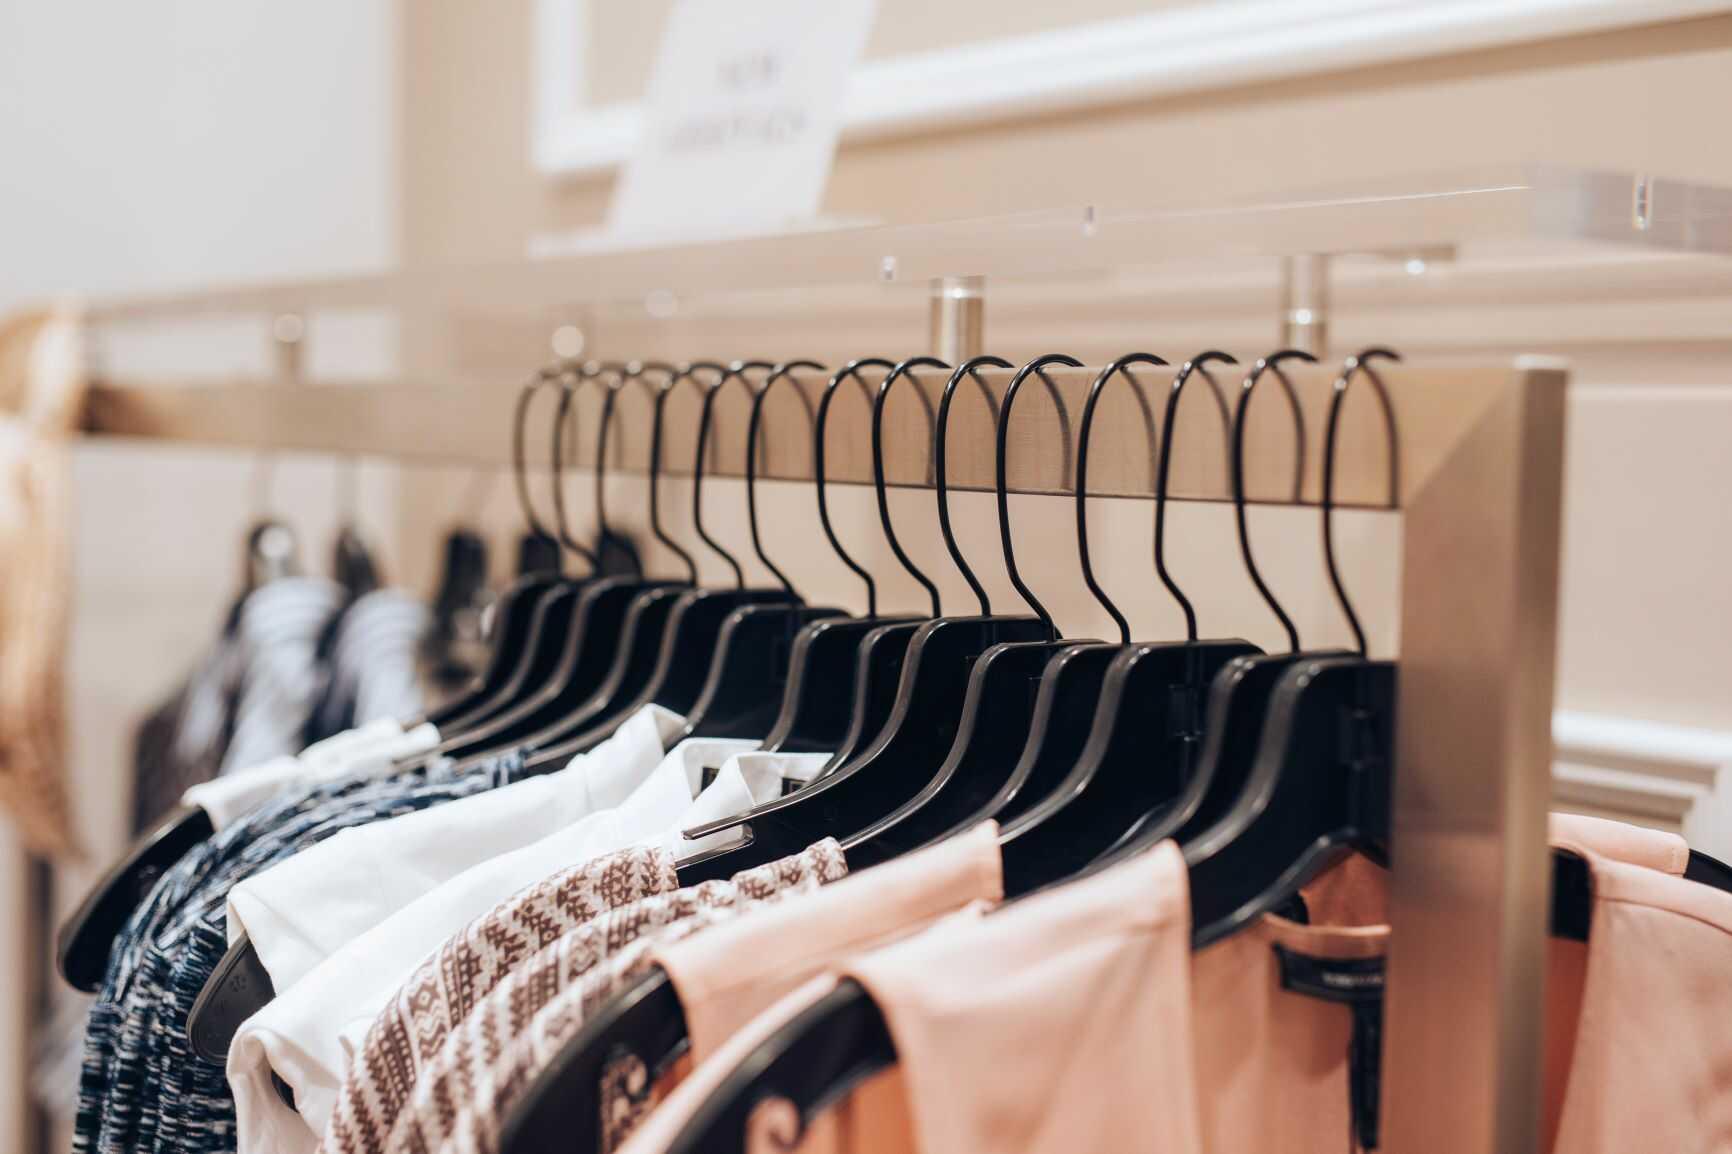 Déployer un système RFID dans un réseau retail